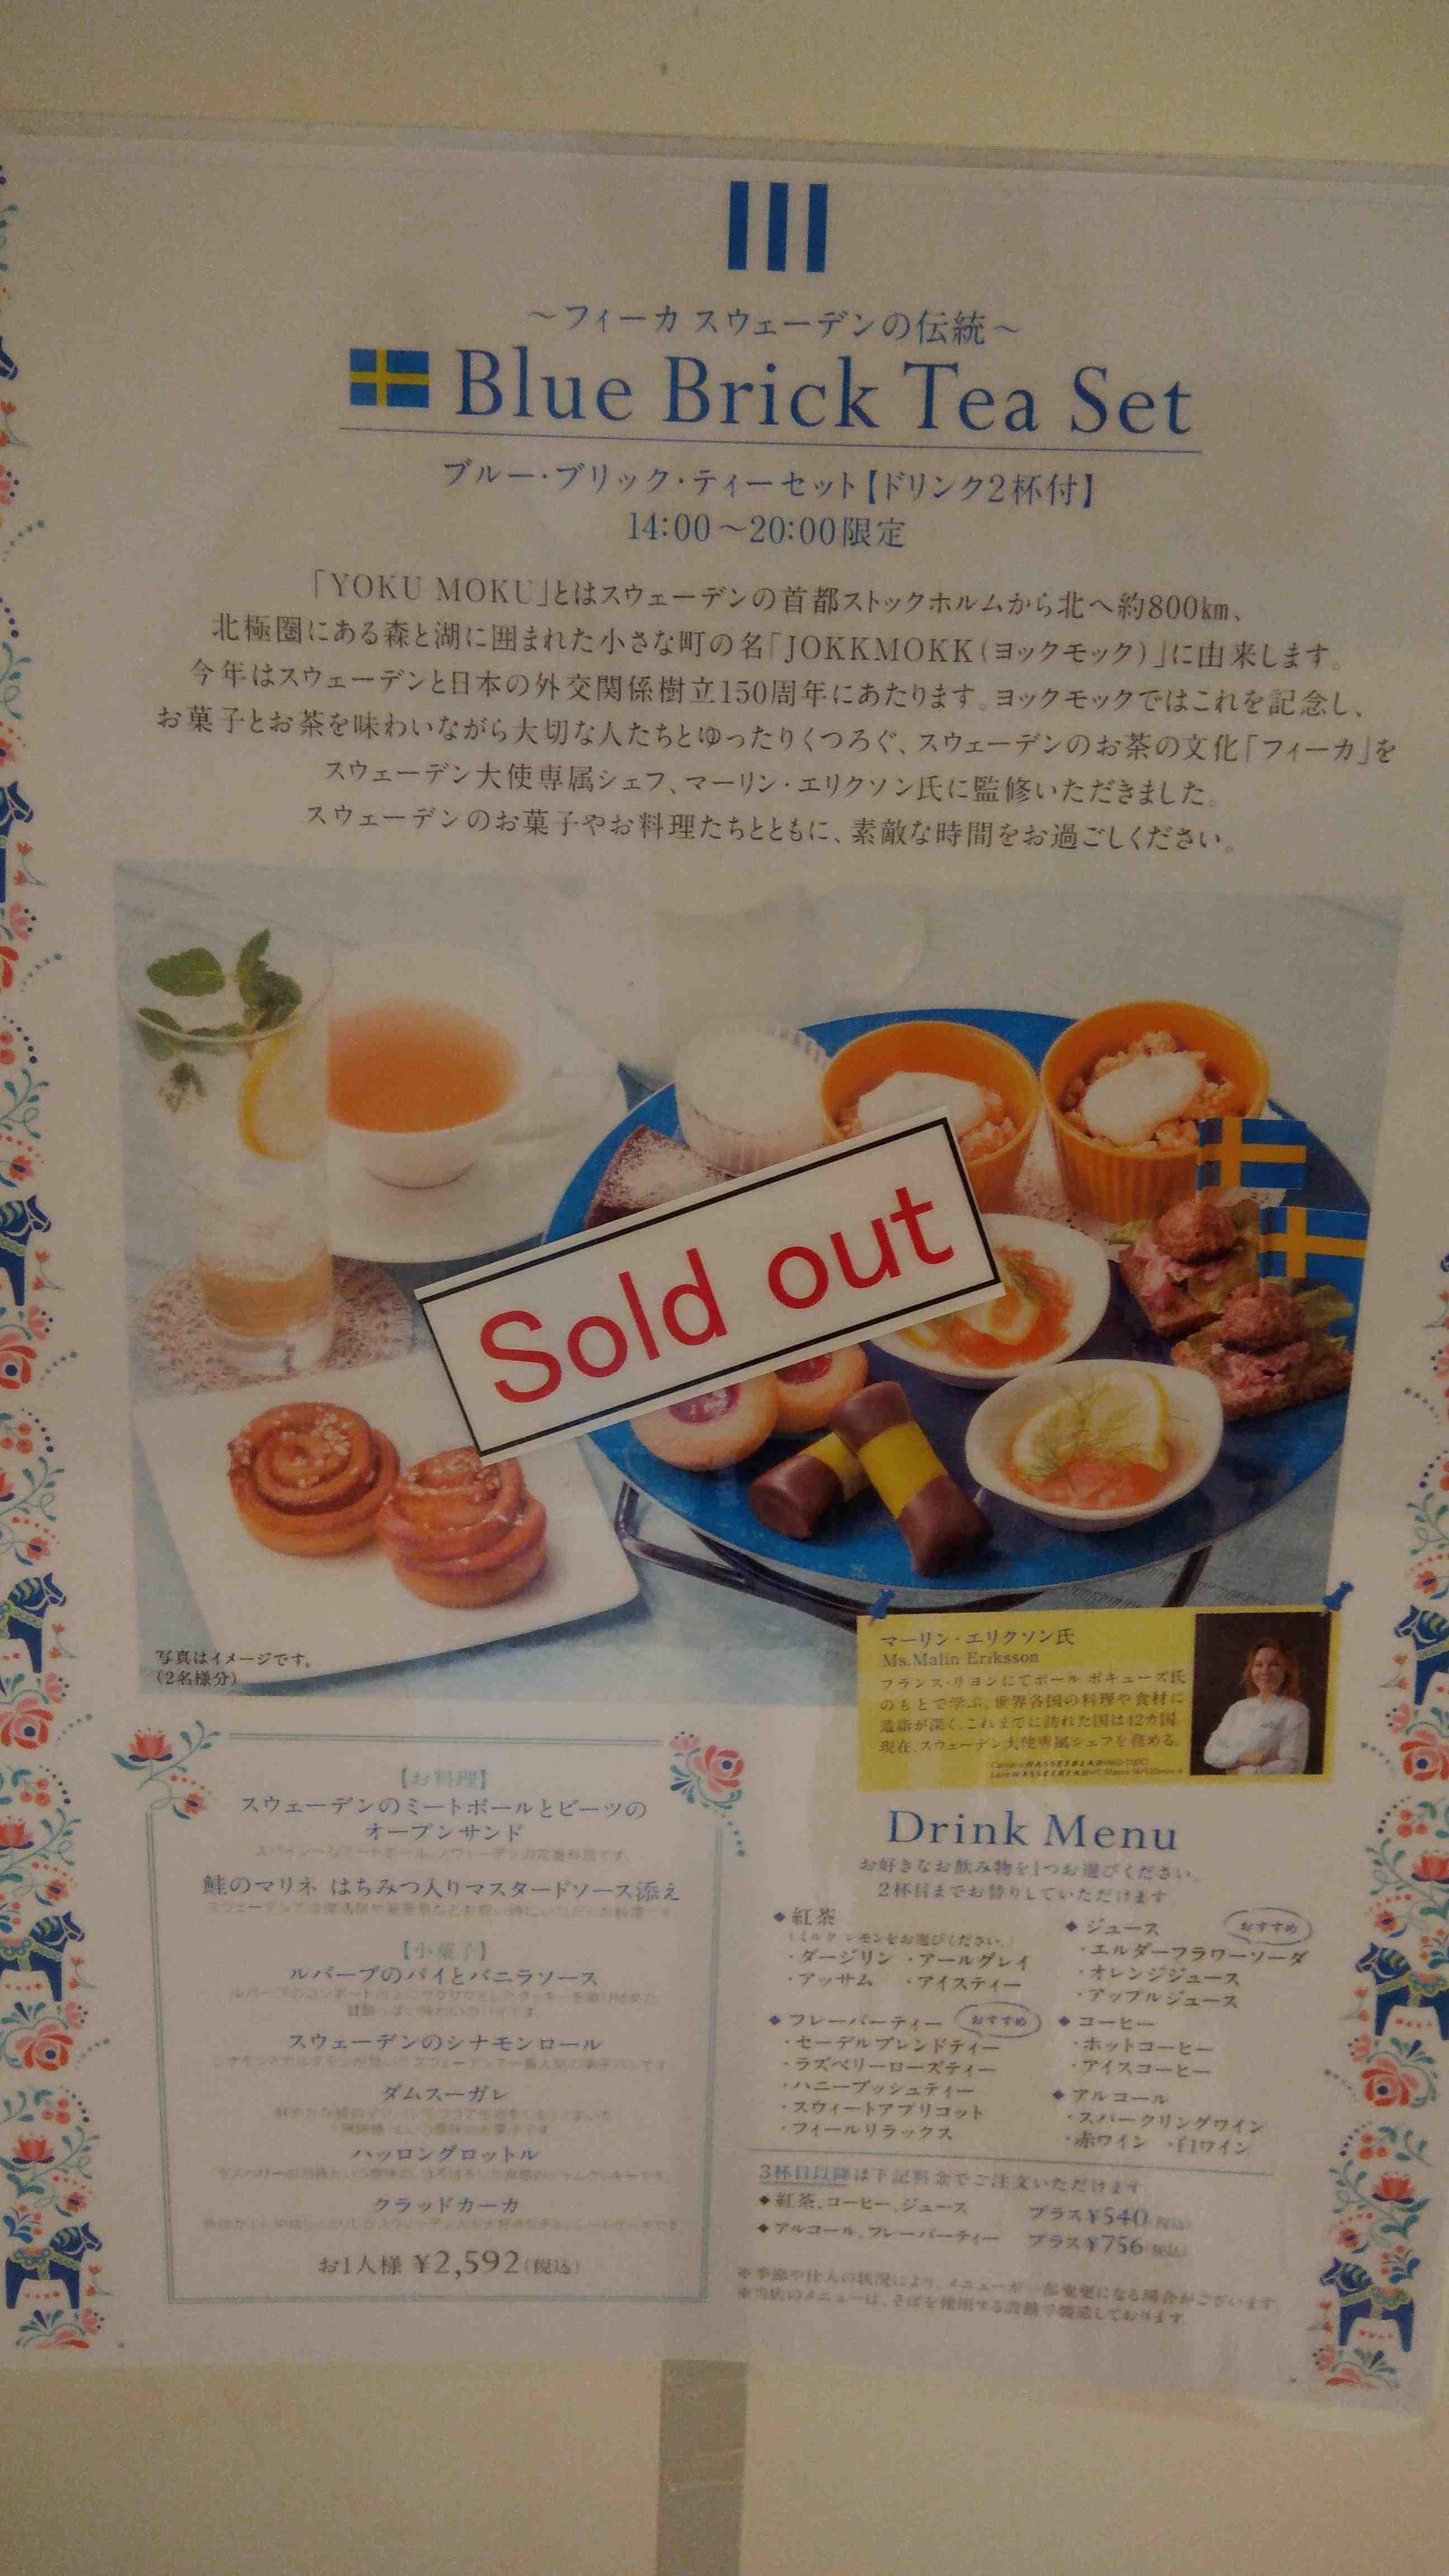 人気!ヨックモック青山本店アフタヌーンティーを並ばずに食べる方法